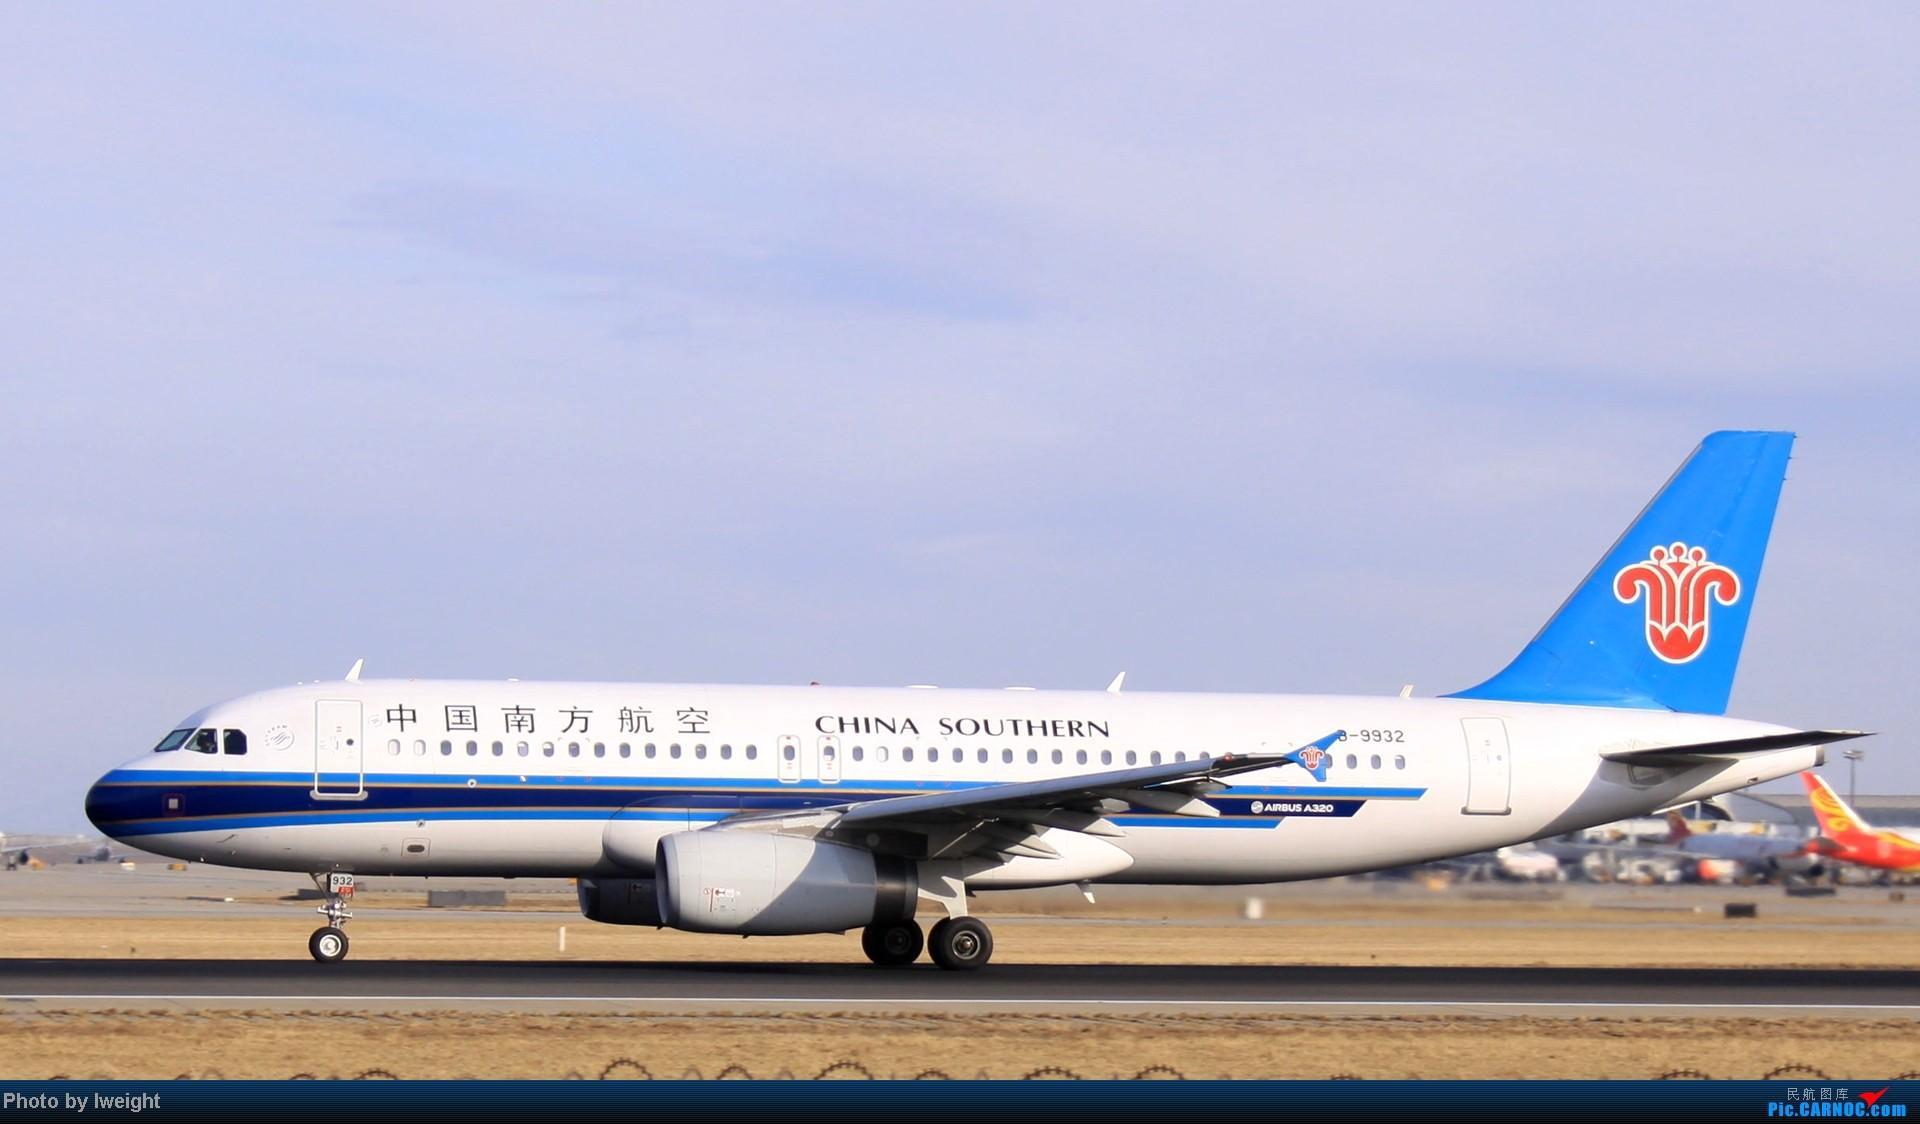 Re:[原创]今天下午瞎拍两个小时的杂图 AIRBUS A320-200 B-9932 中国北京首都机场